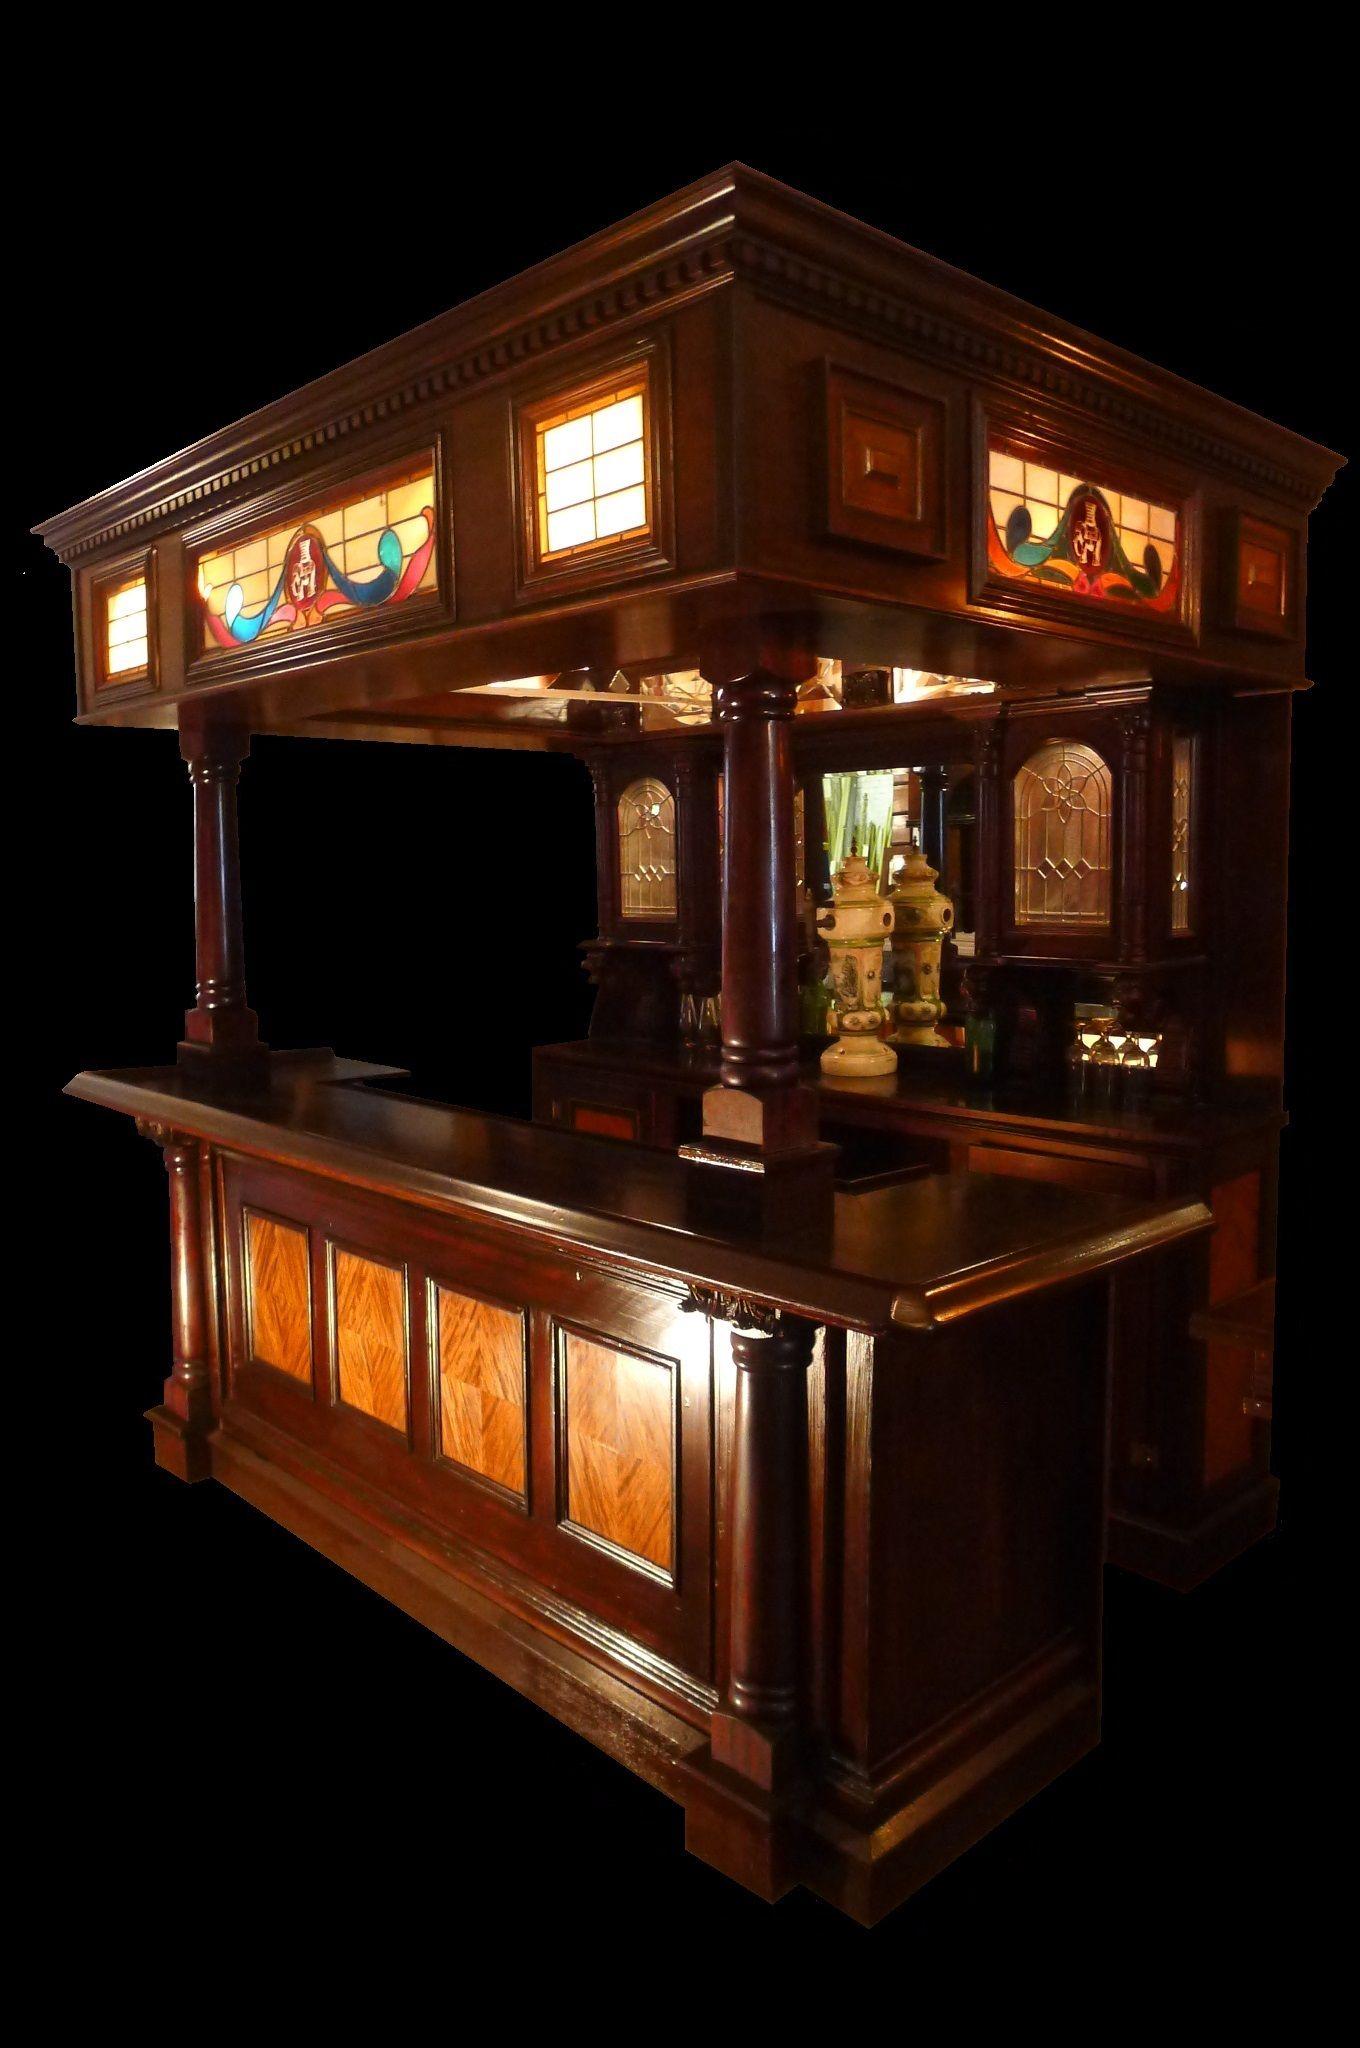 Canopy Pub Bars, Antique Bars, Antique Mantels, Antique Doors ...